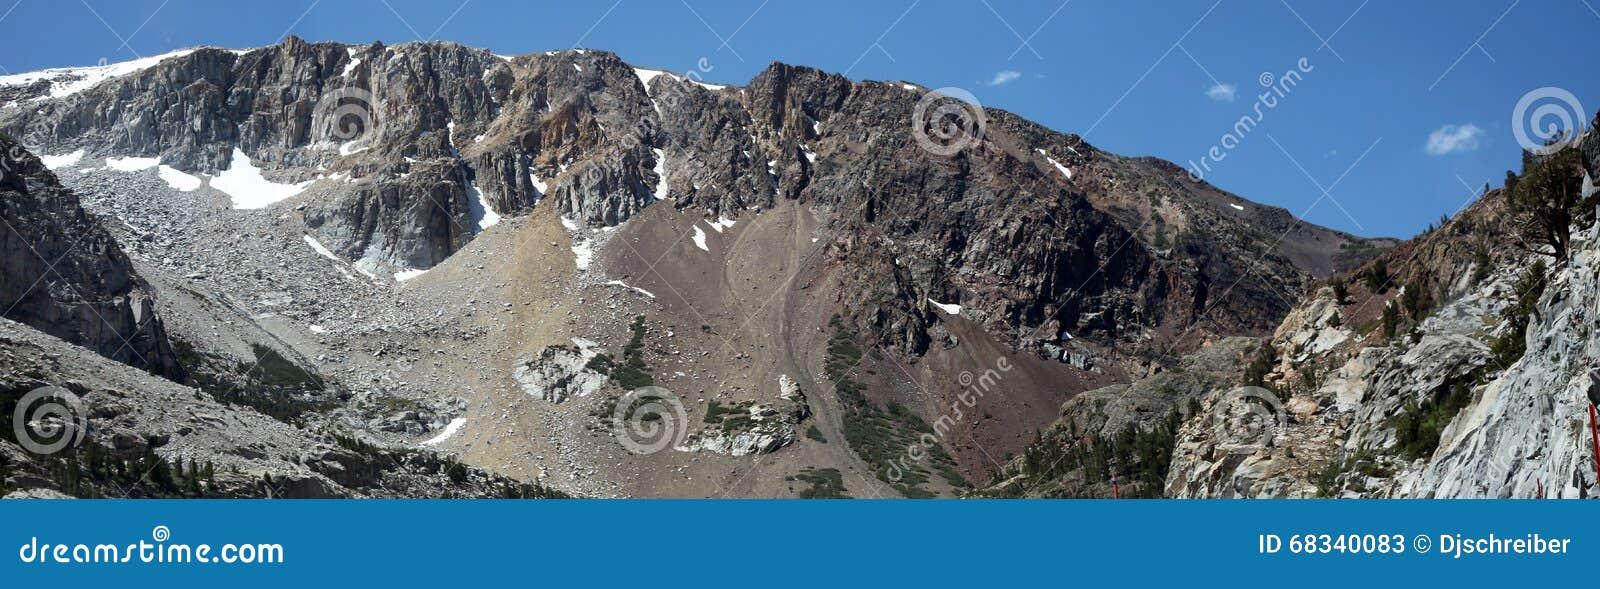 Toppig bergskedja Nevada Mountains utanför den Yosemite nationalparken